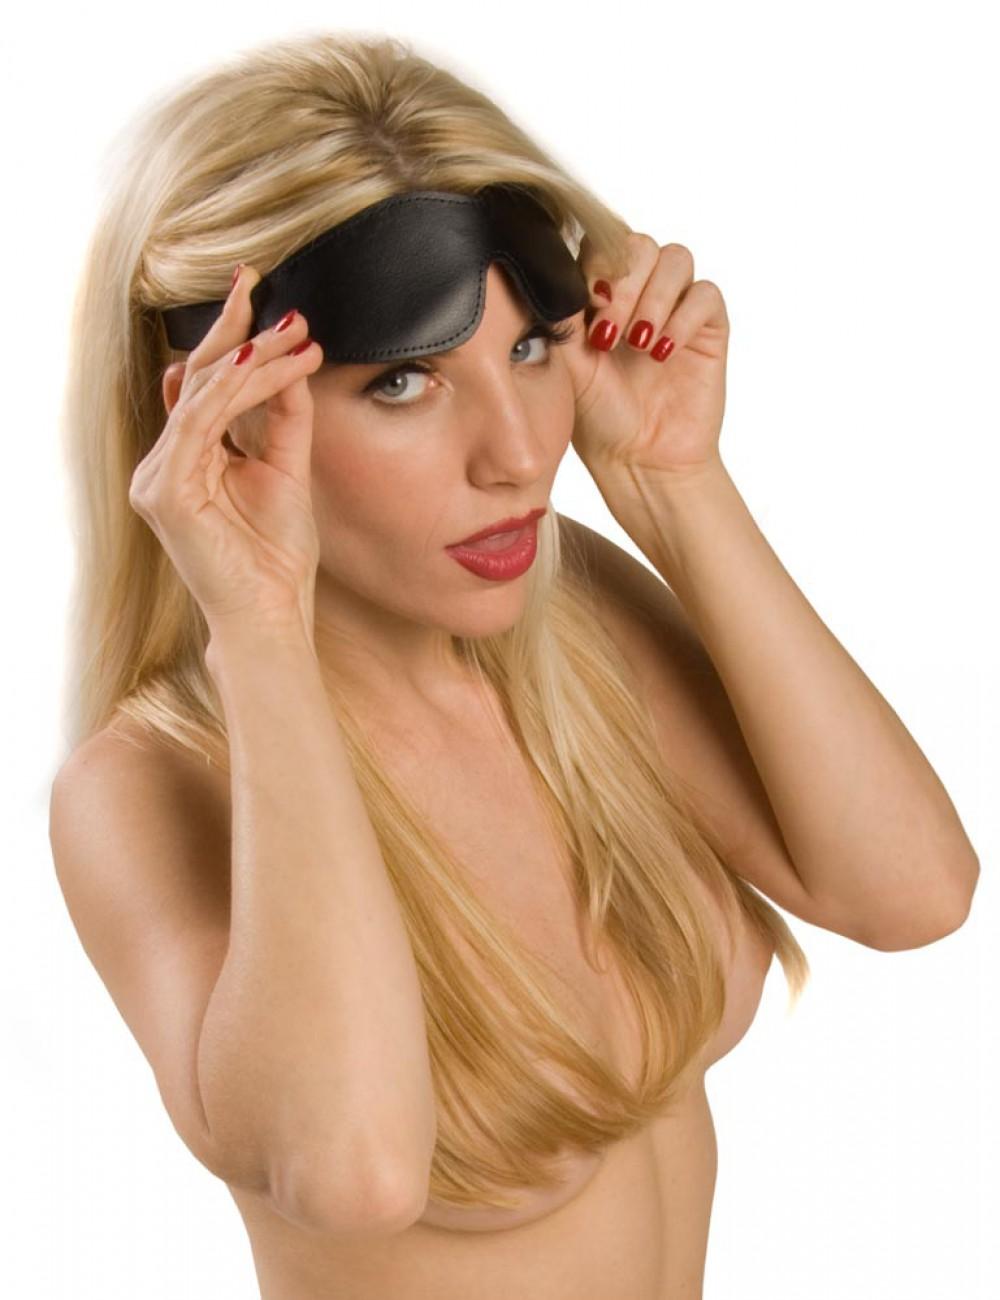 KinkLab Padded Blindfold